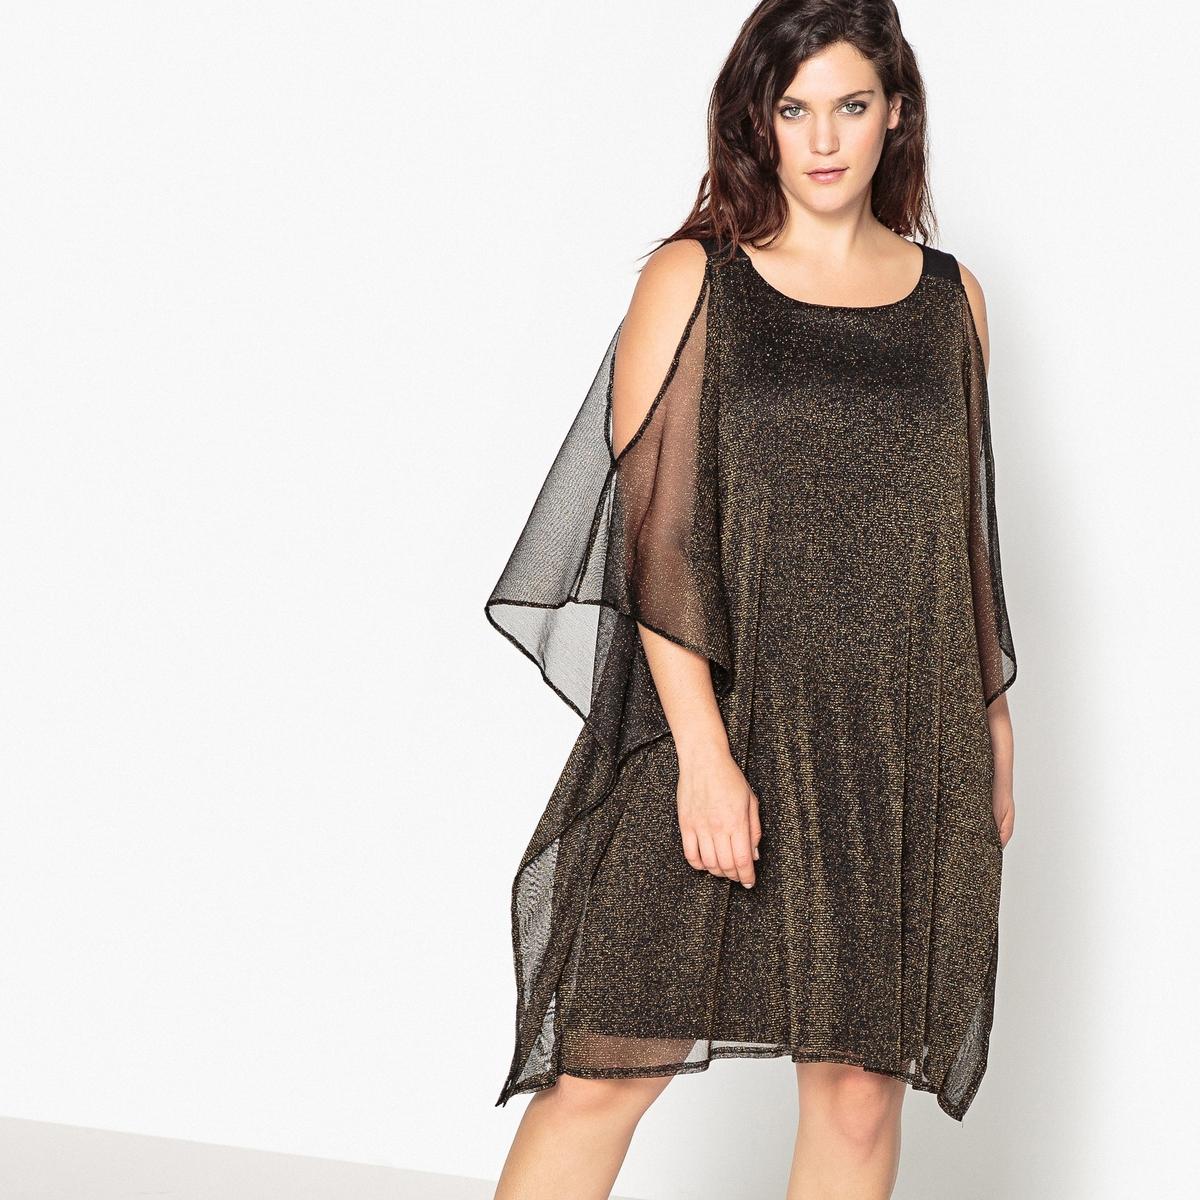 Платье расклешенное с открытыми плечамиОписание:Оригинальное платье из двух материалов квадратного покроя, блестящая вуаль сверху. Великолепное и очень элегантное вечернее платье не оставит Вас незамеченной.Детали •  Форма : расклешенная •  Длина до колен •  Короткие рукава    •  Круглый вырезСостав и уход•  13% металлизированных волокон, 87% полиамида •  Подкладка : 95% вискозы, 5% эластана •  Температура стирки при 30° на деликатном режиме  •  Сухая чистка и отбеливание запрещены • Барабанная сушка на слабом режиме   •  Низкая температура глажки ВАЖНО: Товар без манжетТовар из коллекции больших размеров •  Длина : 100 см.<br><br>Цвет: черный/золотистый<br>Размер: 50/52 (FR) - 56/58 (RUS).54/56 (FR) - 60/62 (RUS)